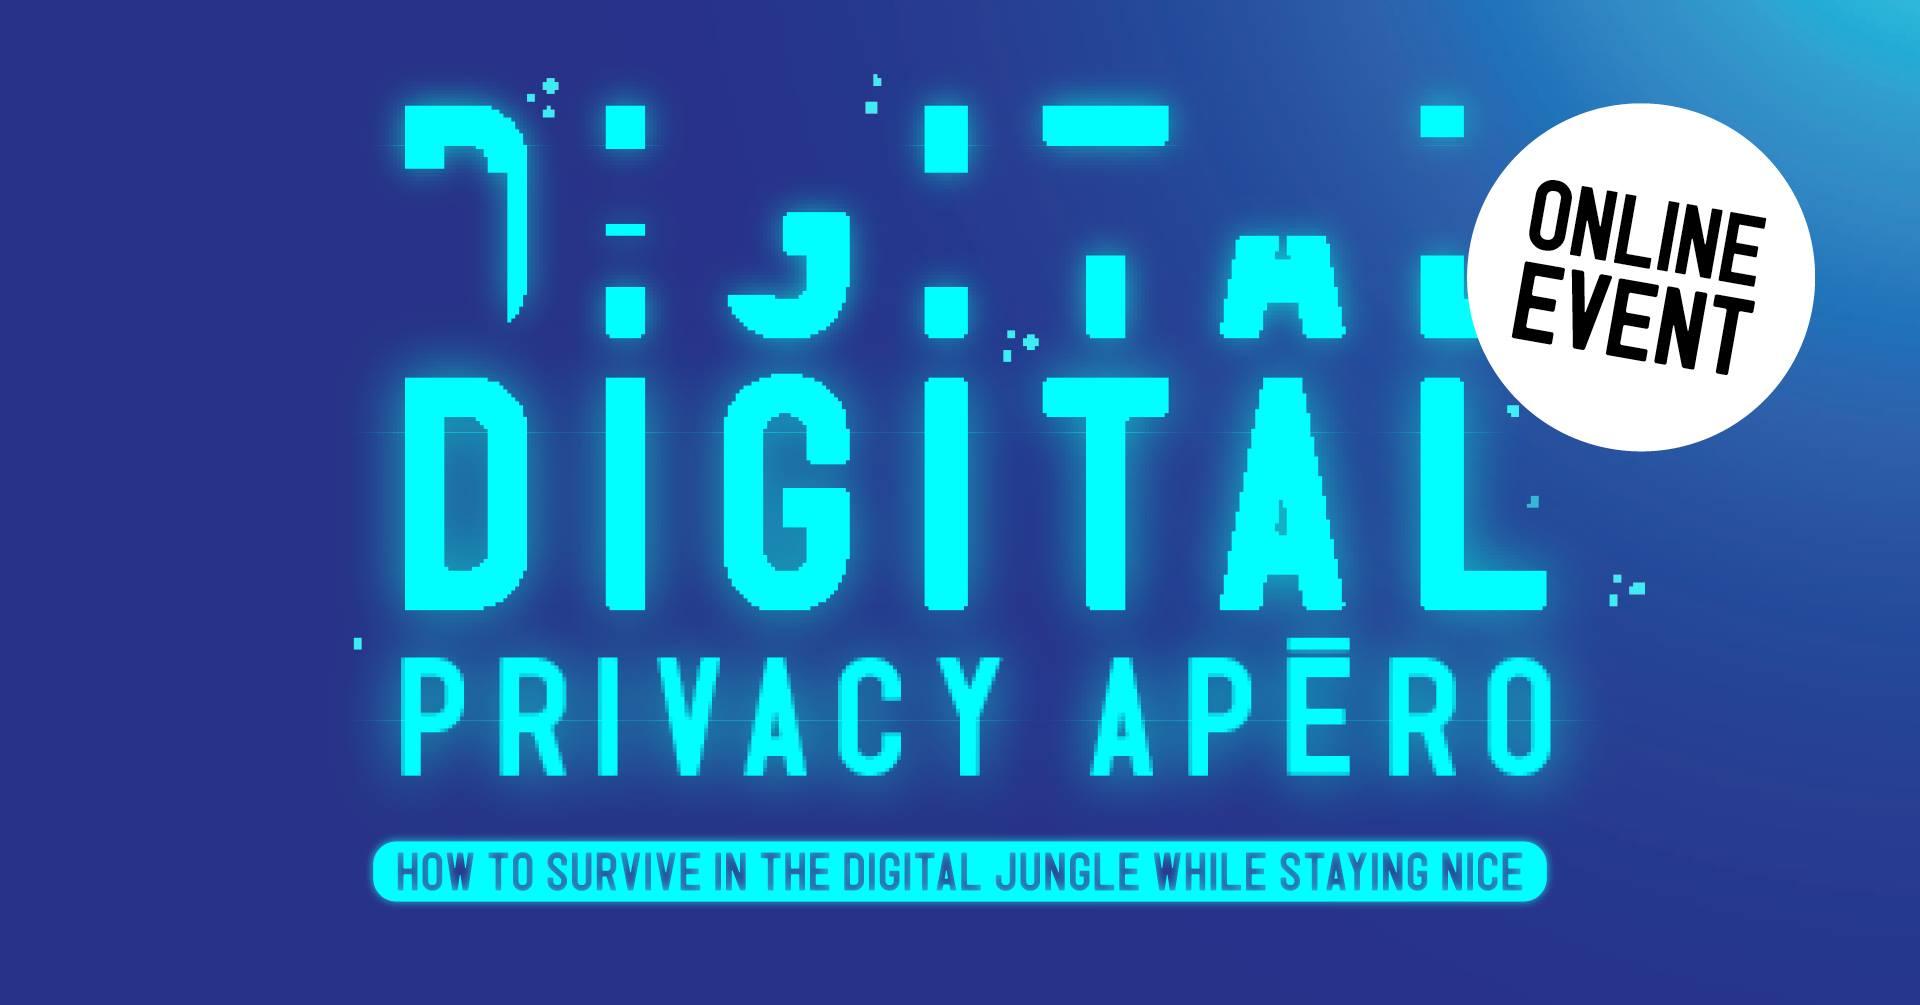 Digital privacy apéro: Privacy & the pandemic – Wednesday, September 30, 2020